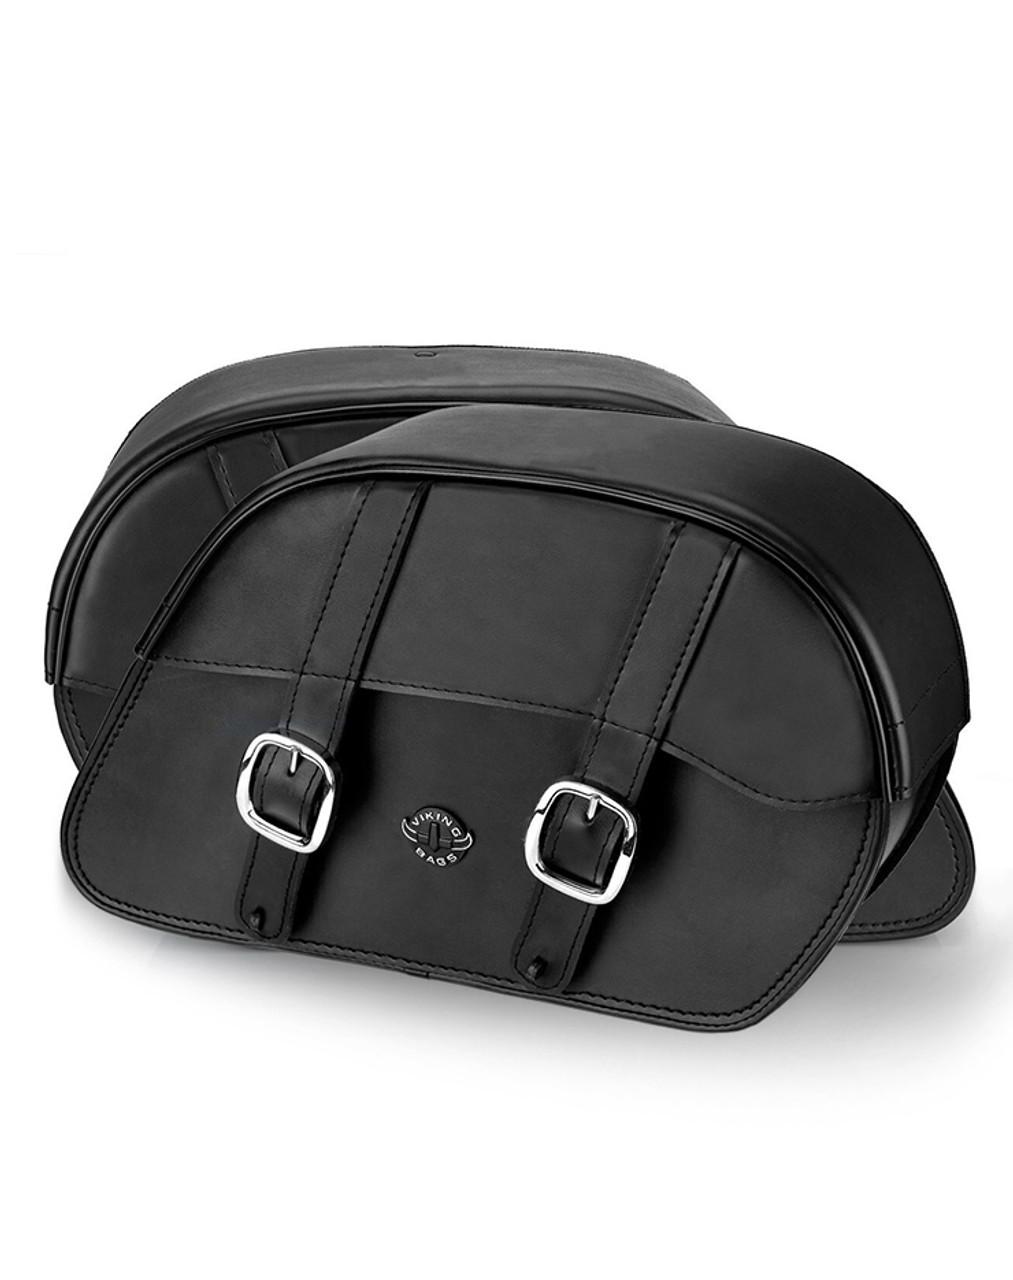 Honda VTX 1800 N Slanted Motorcycle Saddlebags Both Bags View